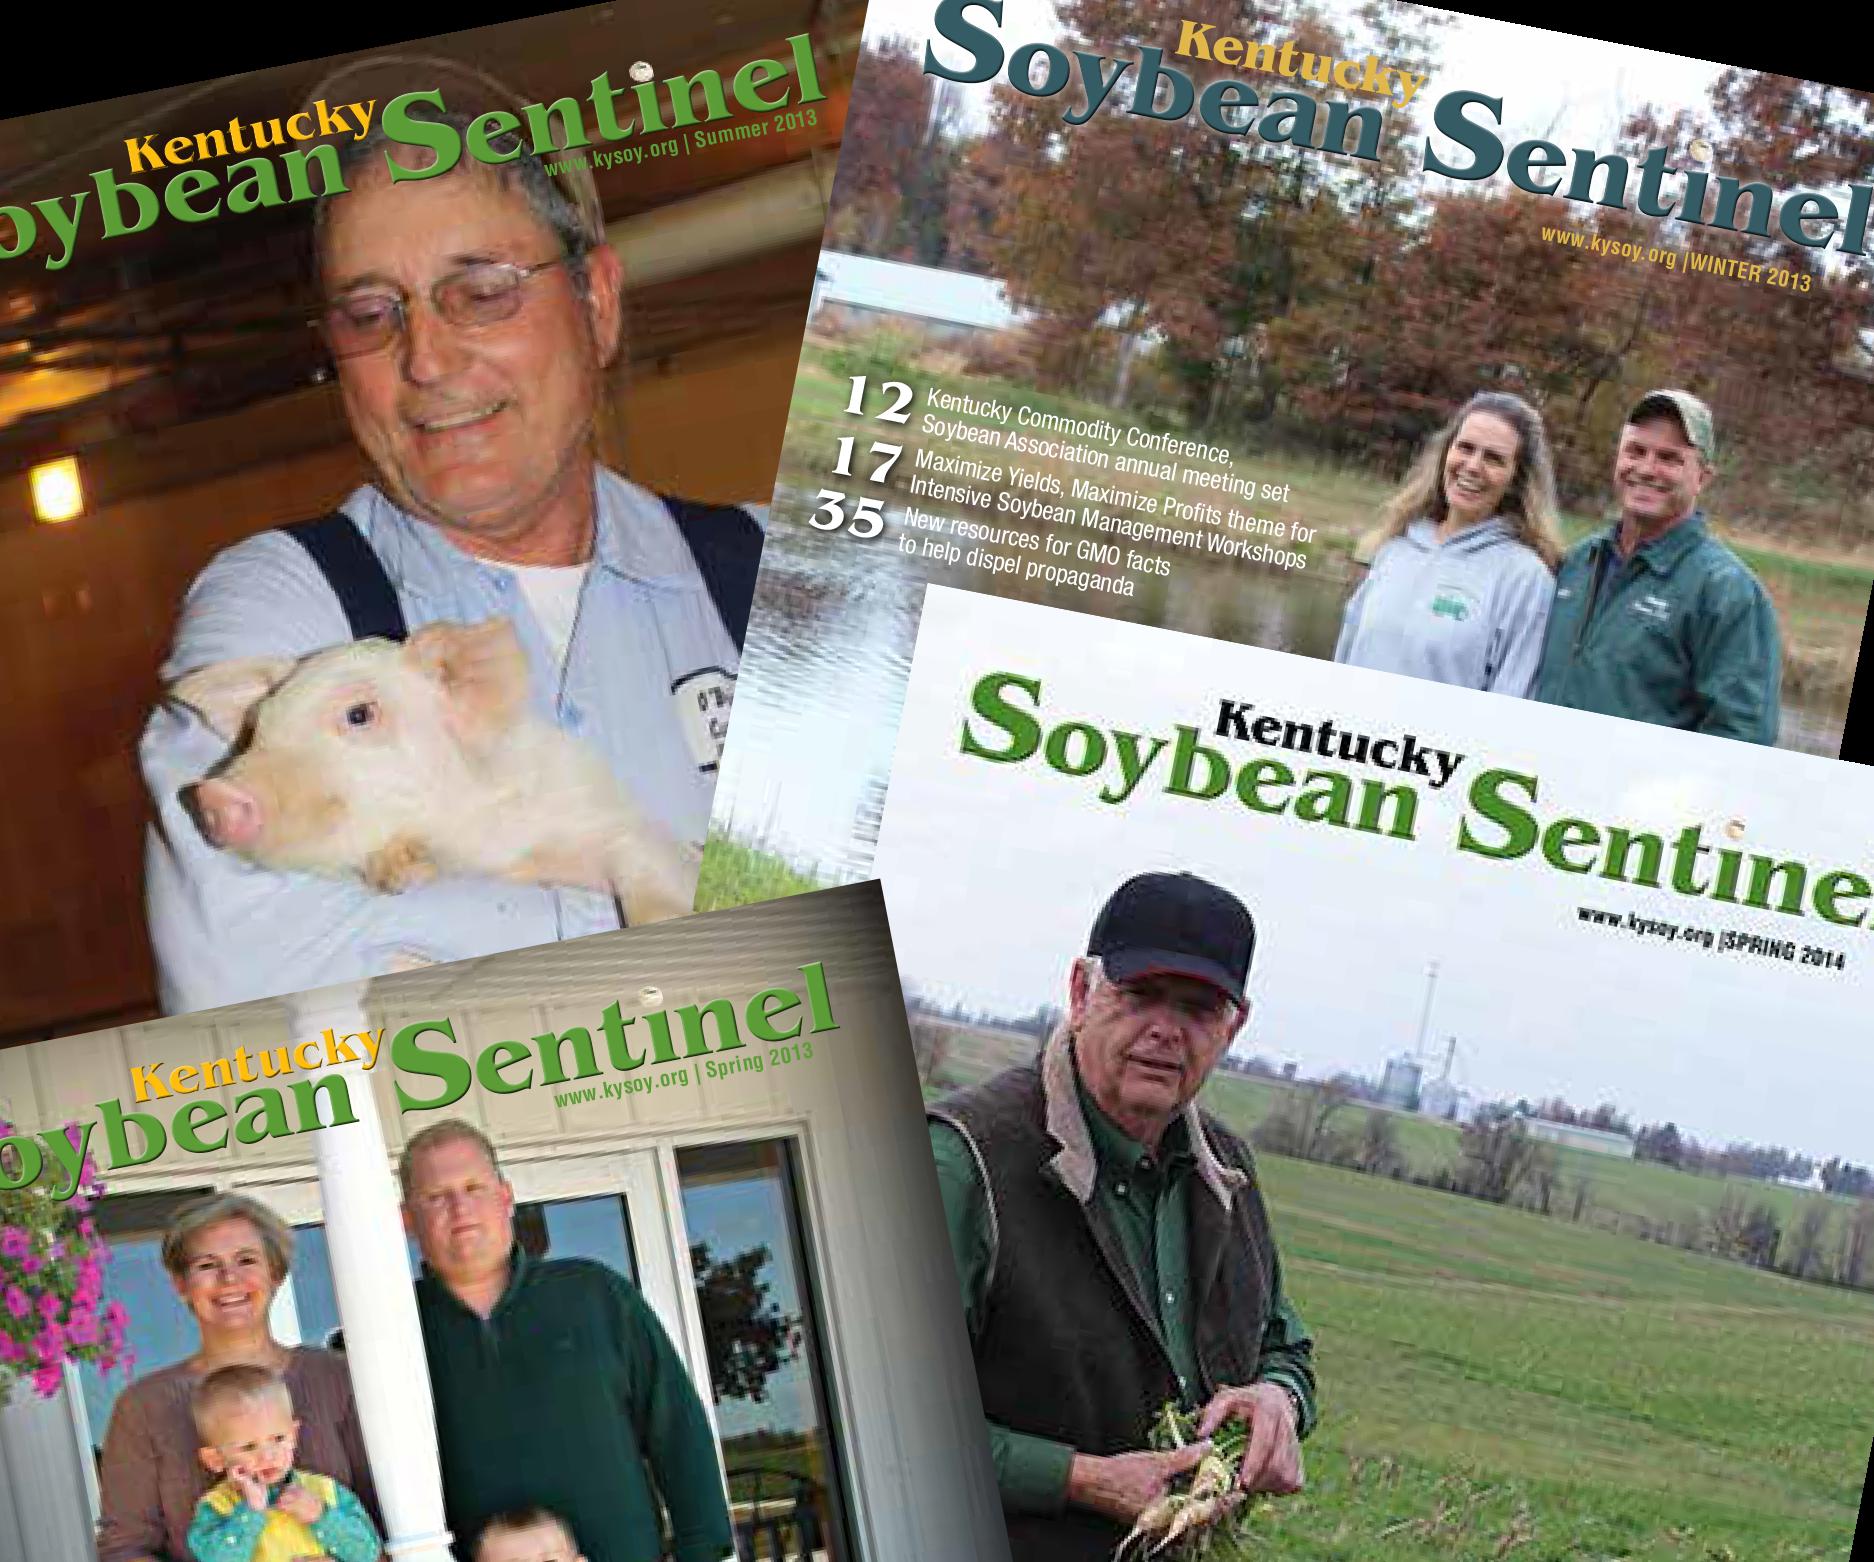 Soybean Sentinel